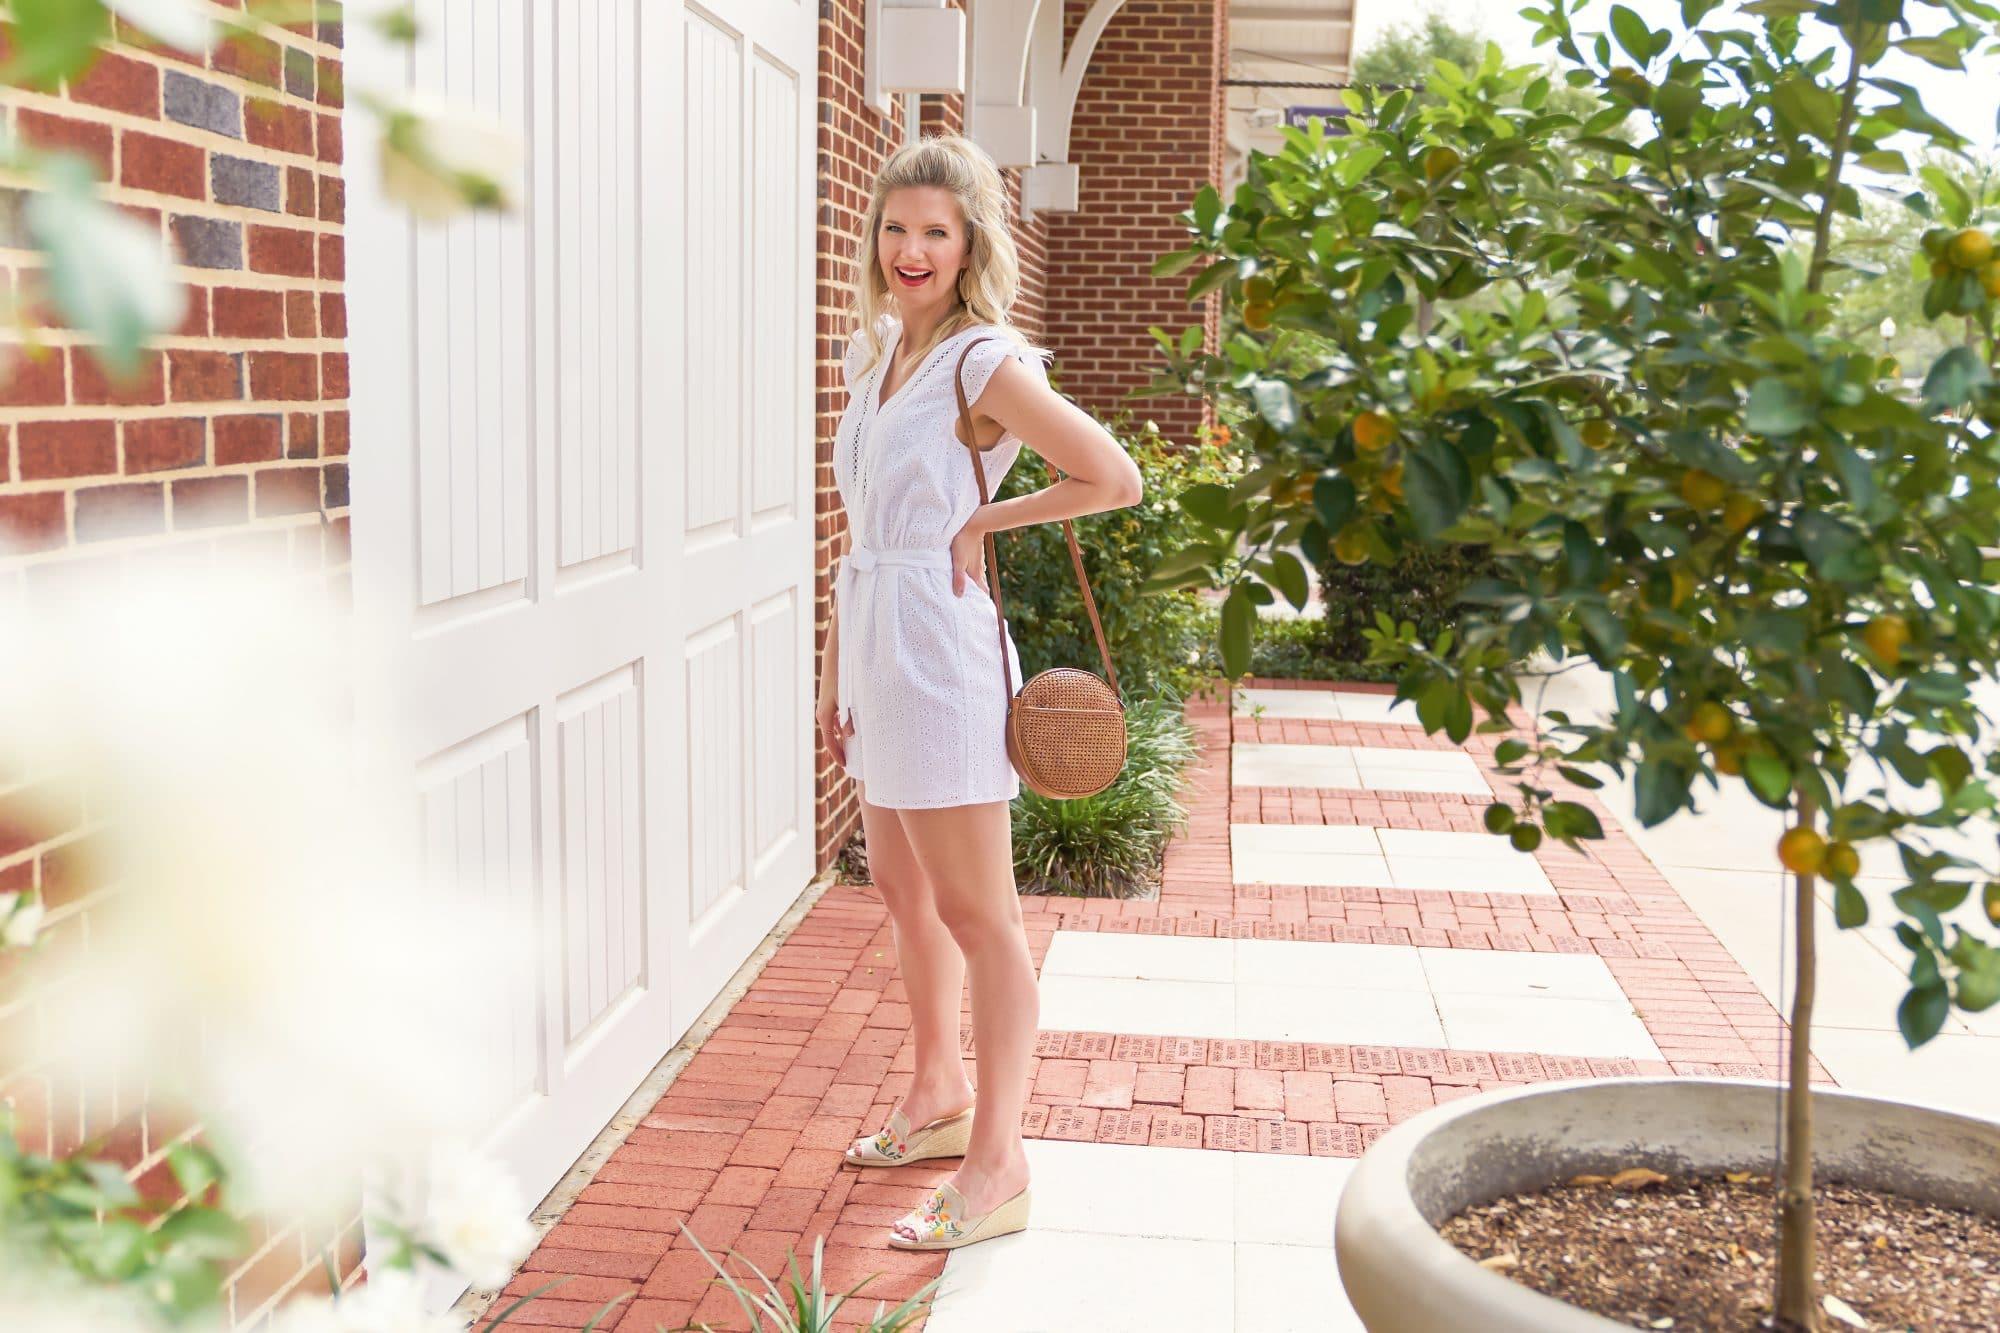 White Eyelet Romper Under $150 | www.ashleybrookedesigns.com